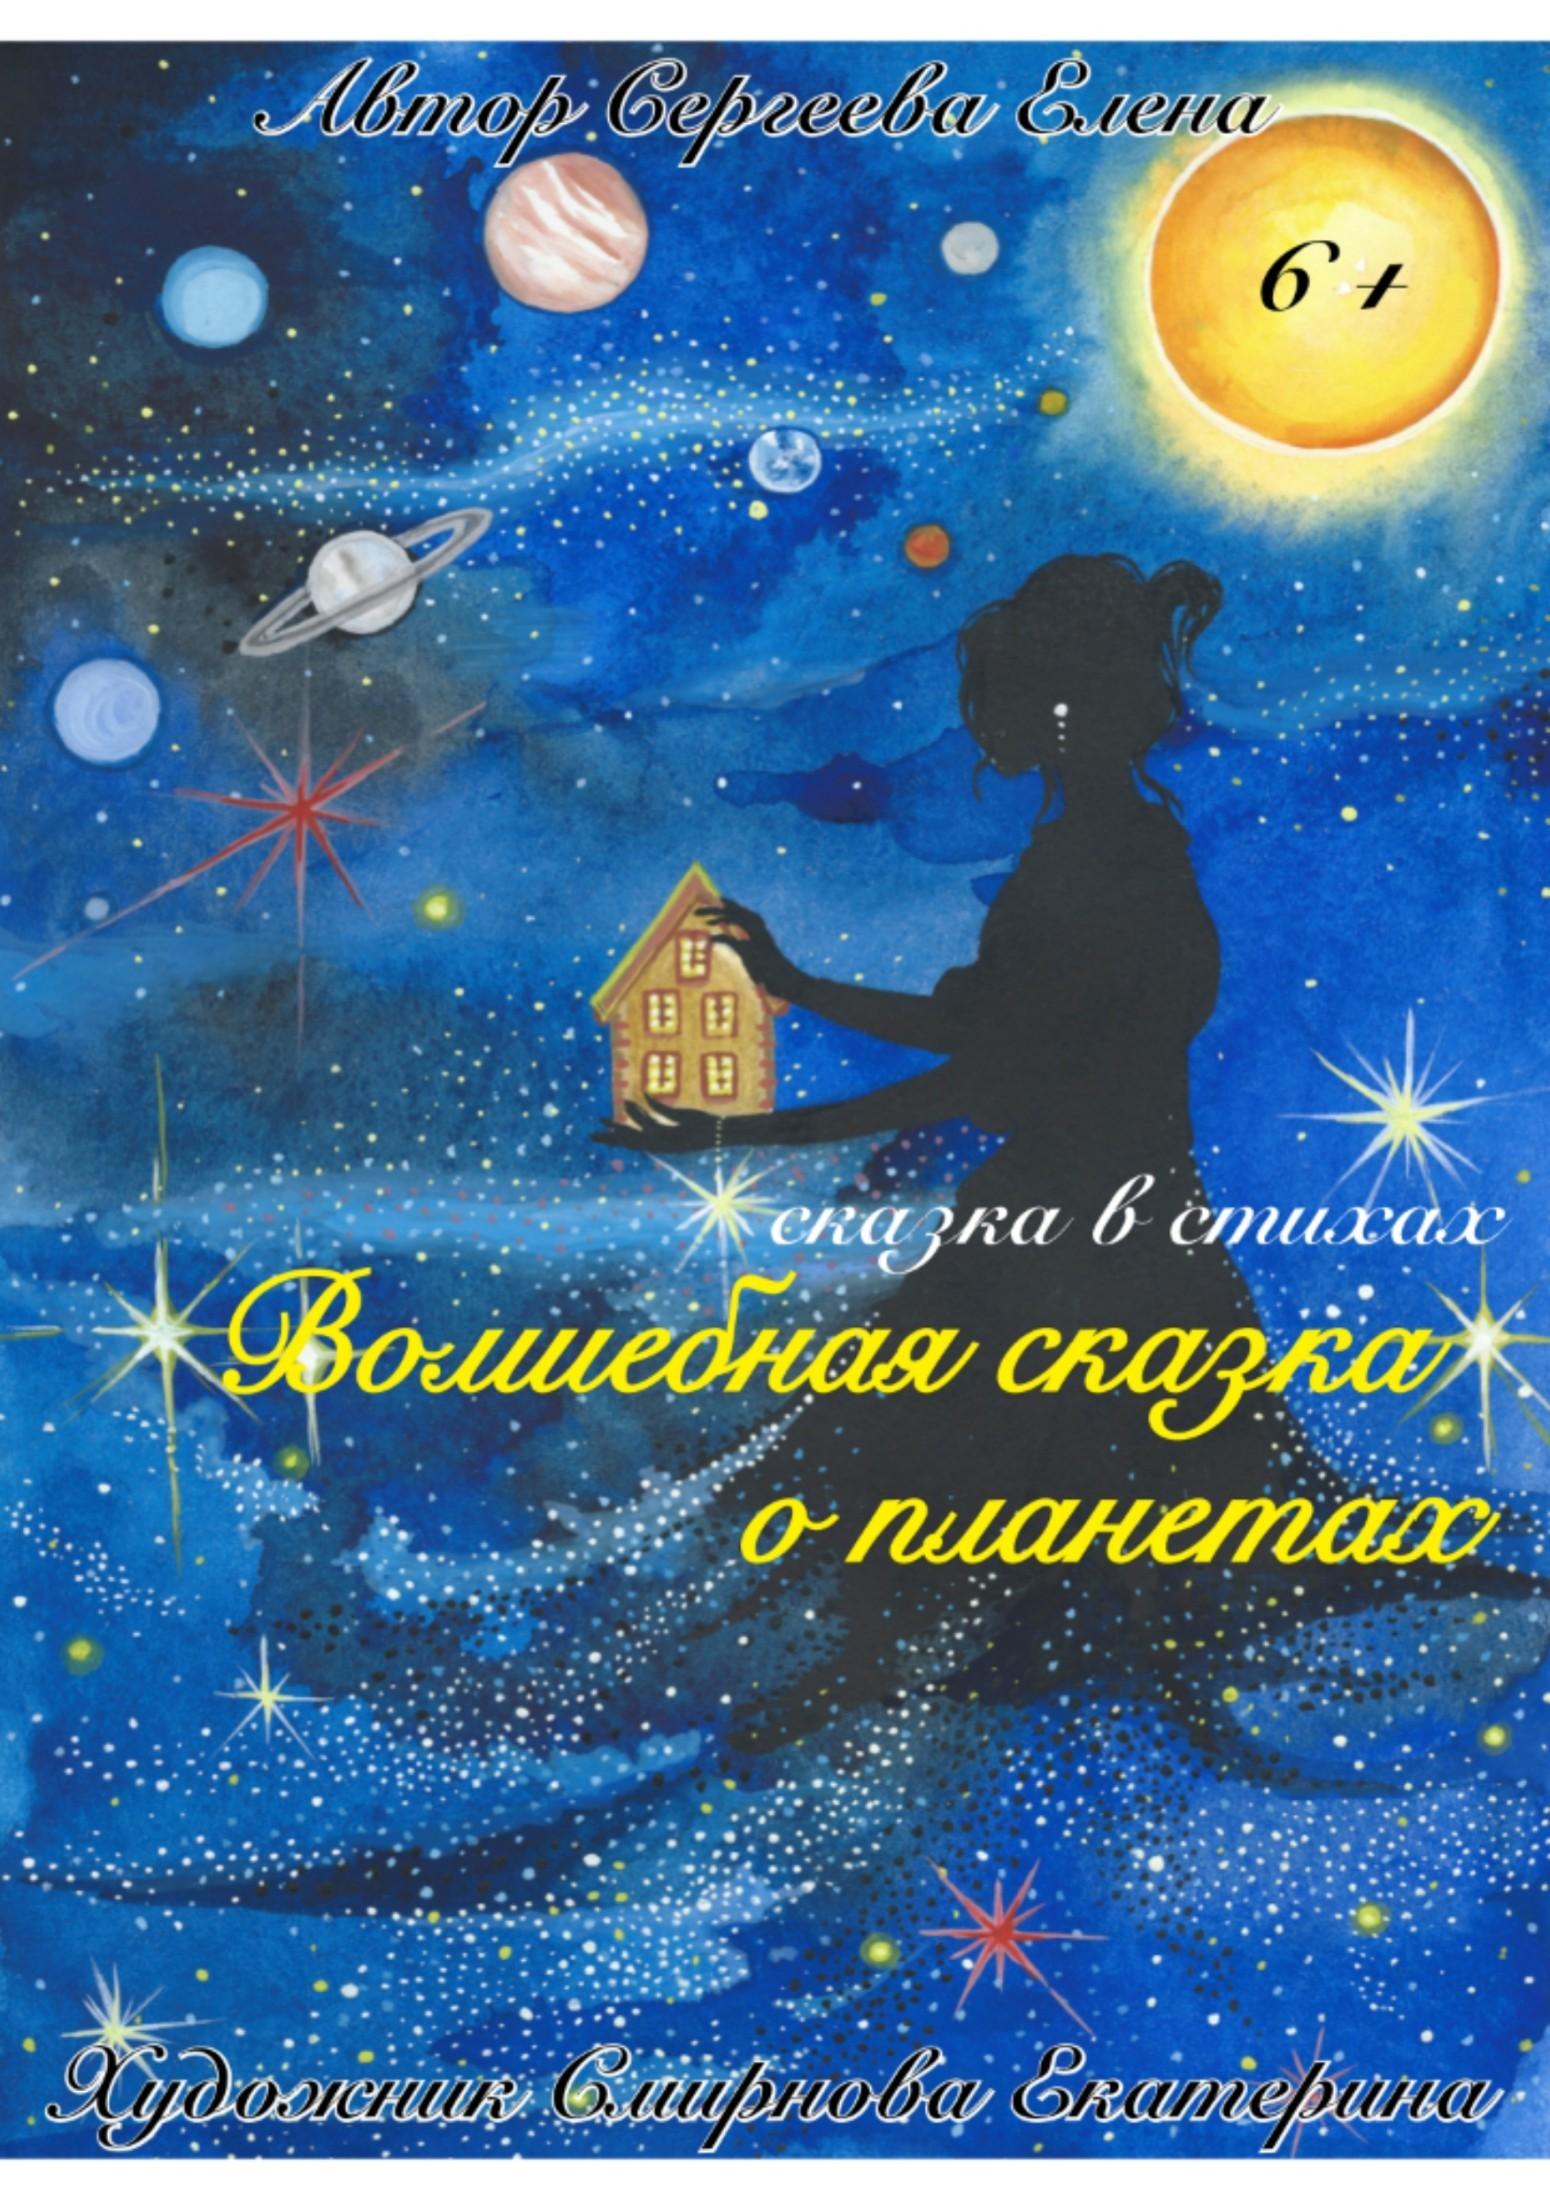 Елена Сергеева - Волшебная сказка о планетах.